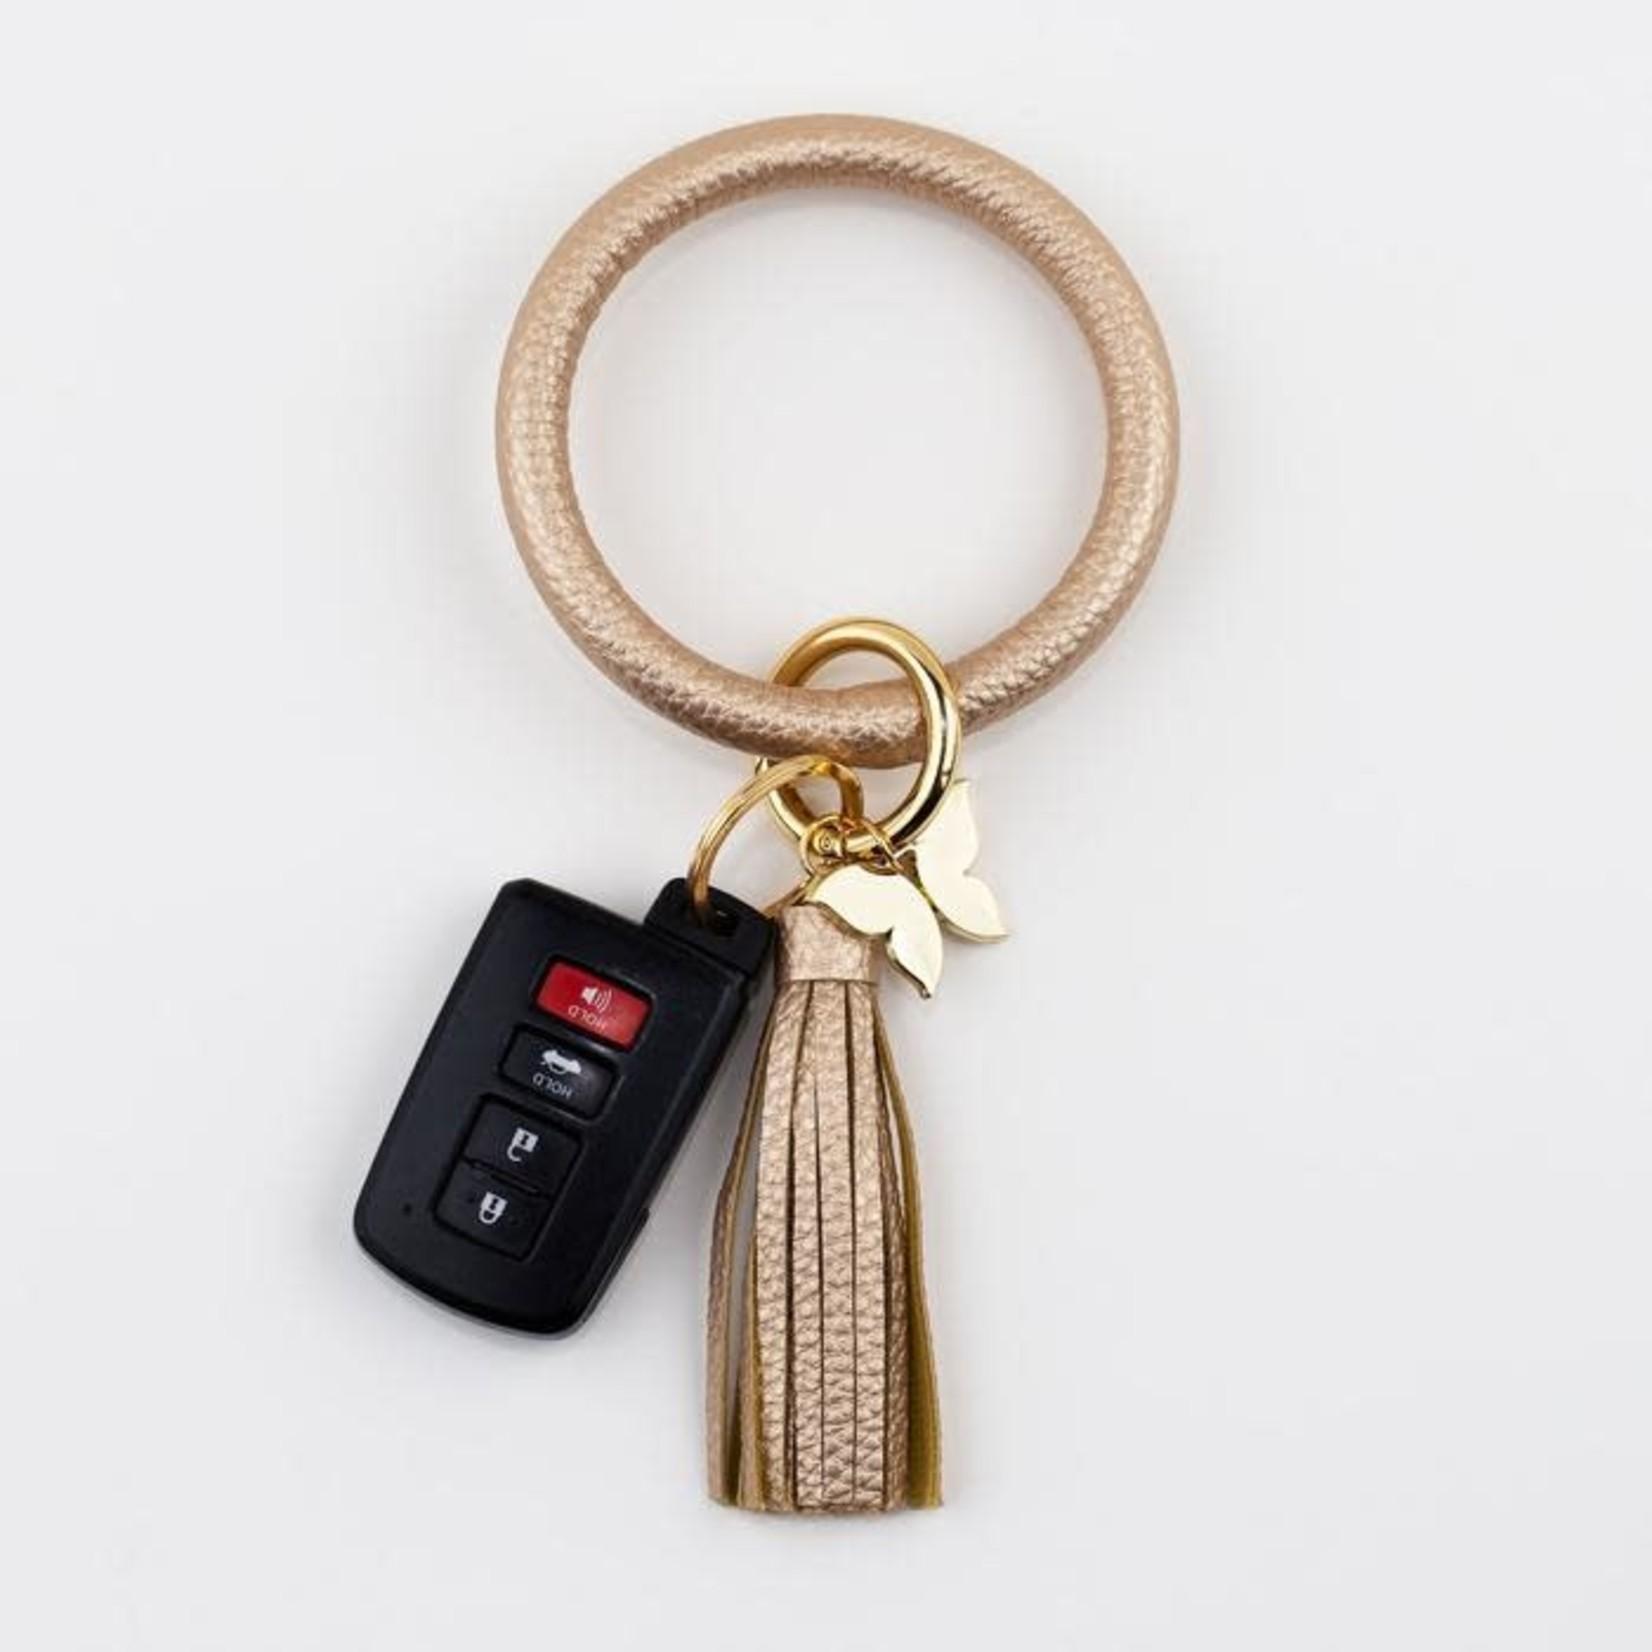 Bangle Key Ring - Metallic Gold